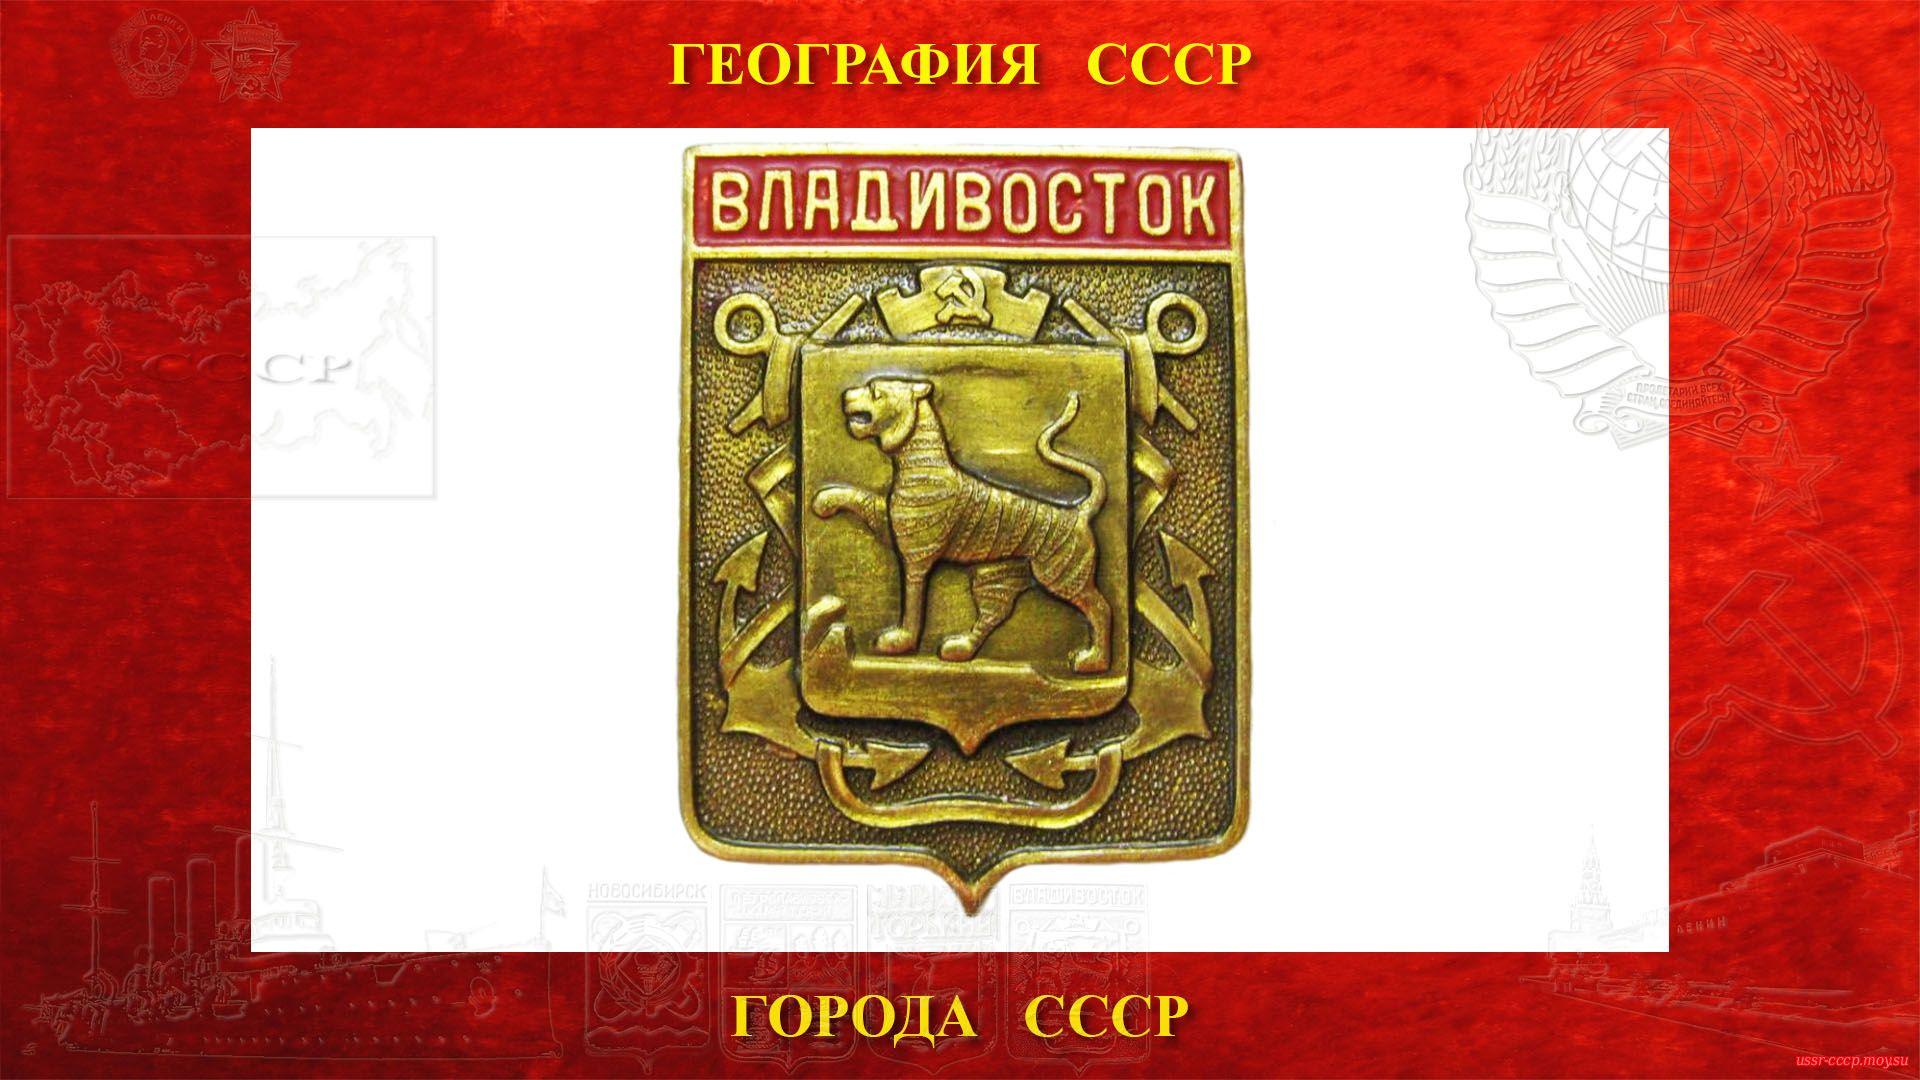 Владивосток — Город и порт на Дальнем ВостокеСССР — Культурный инаучно-образовательный центр (02.07.1860)